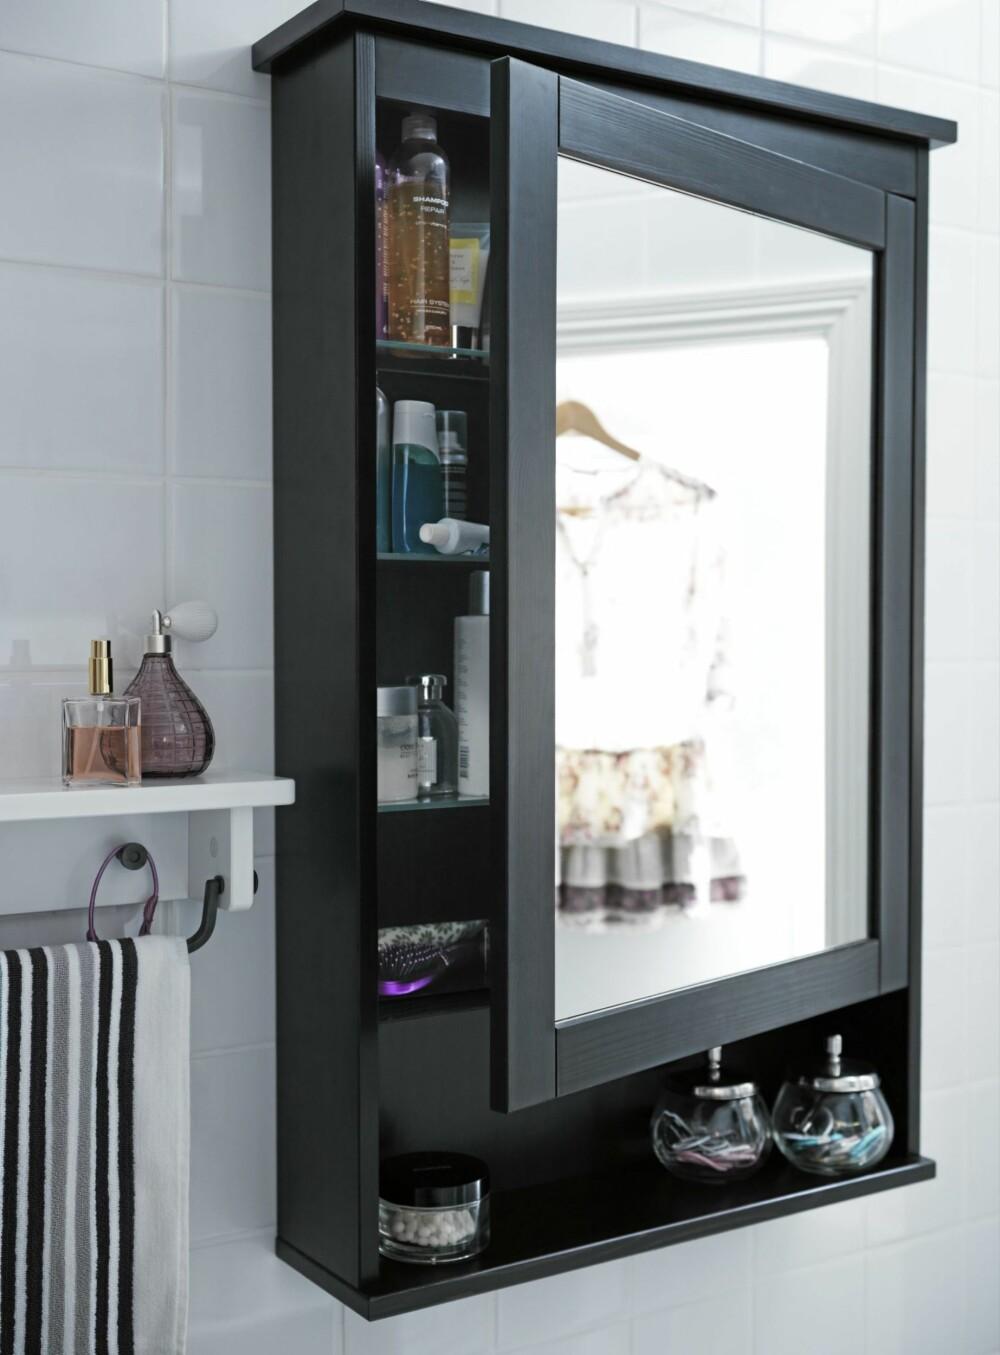 SATSER PÅ SPEIL: Fordi mange bor smått er det ekstra viktig å tenke god plassutnyttelse, og speilskap er både praktisk og fint.